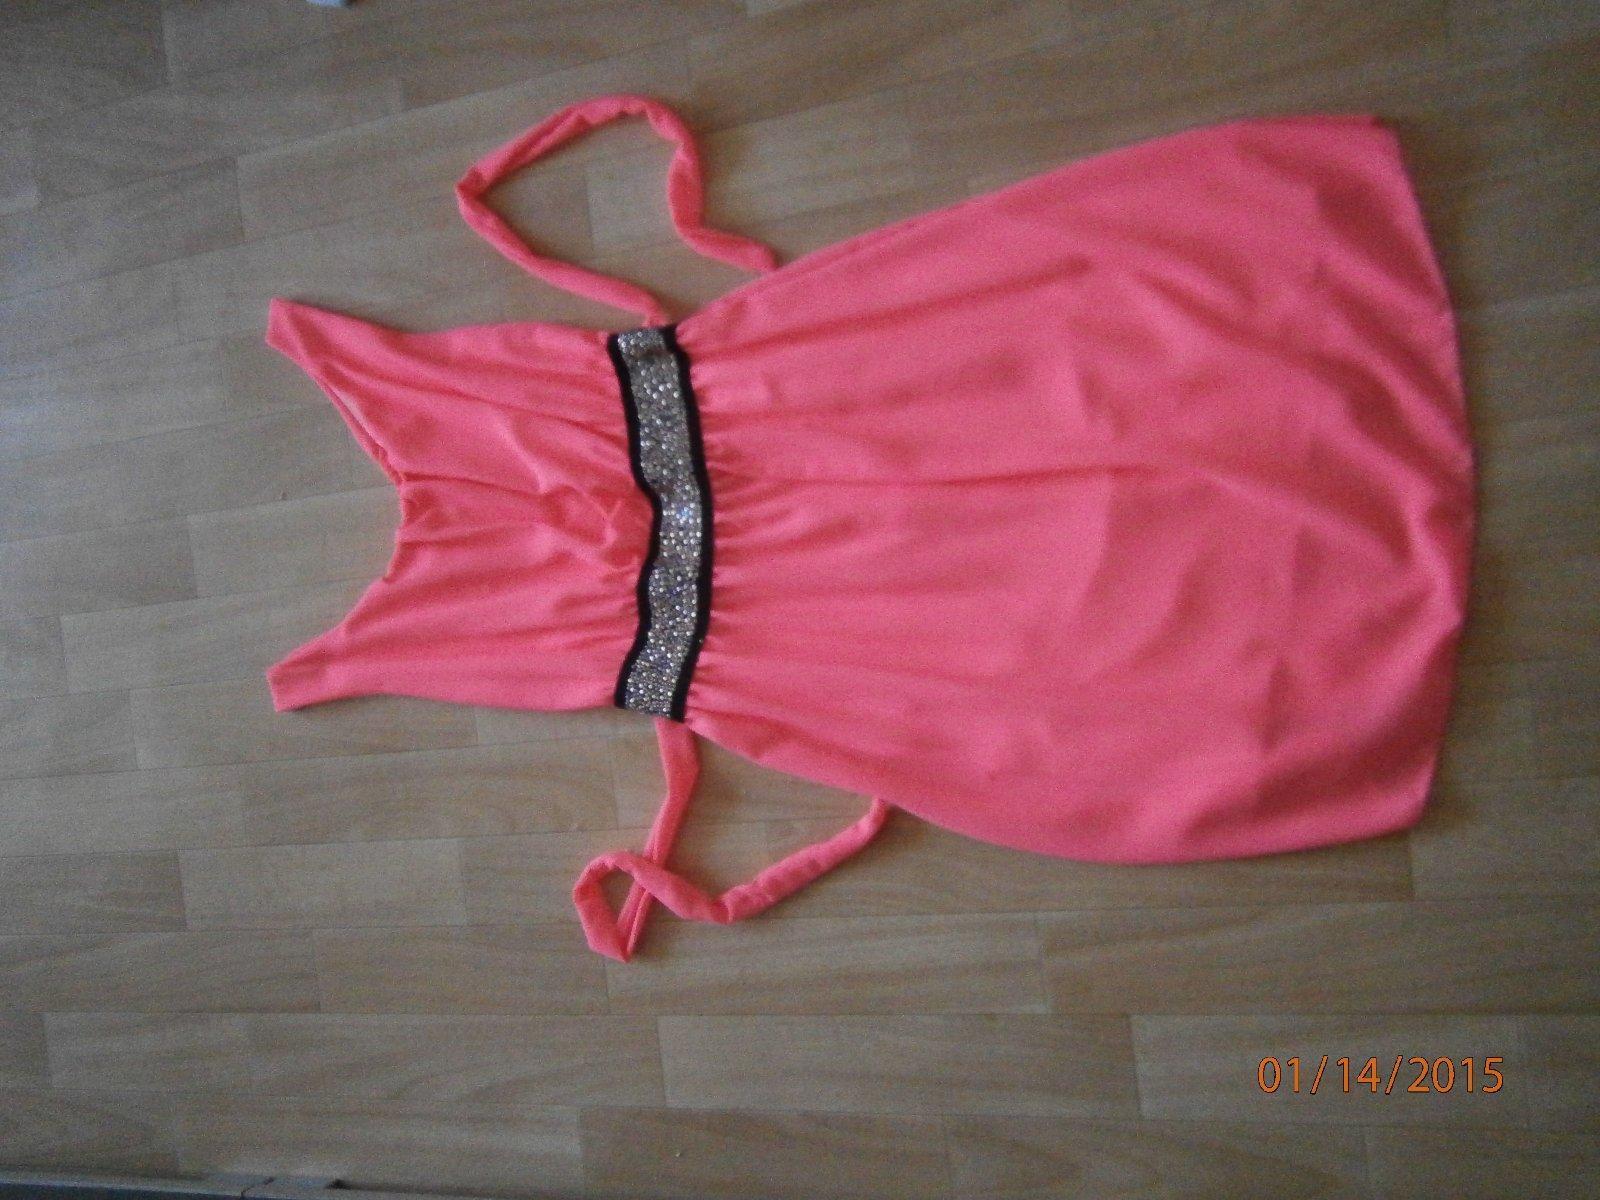 Parádne šaty - Obrázok č. 1